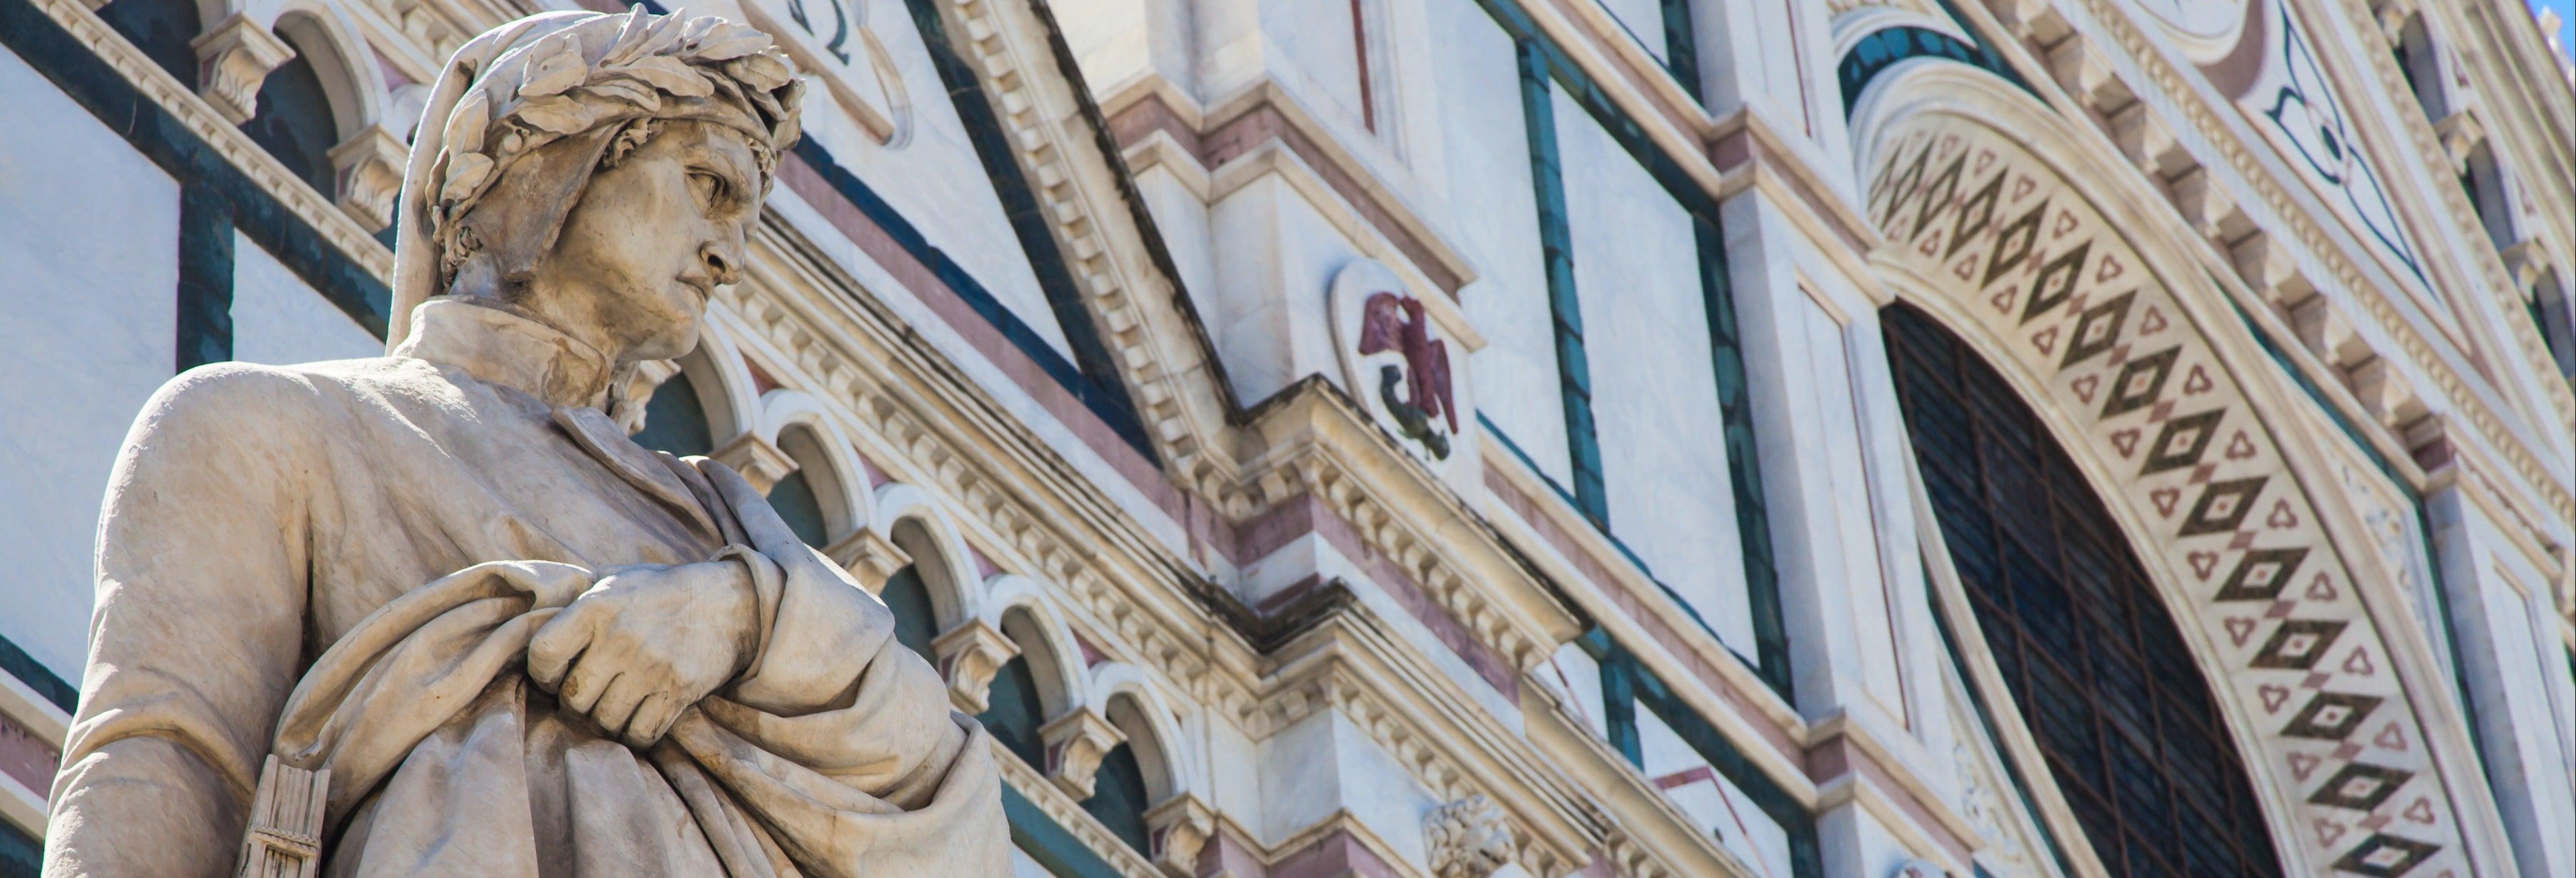 Visita guiada por la Basílica de la Santa Croce